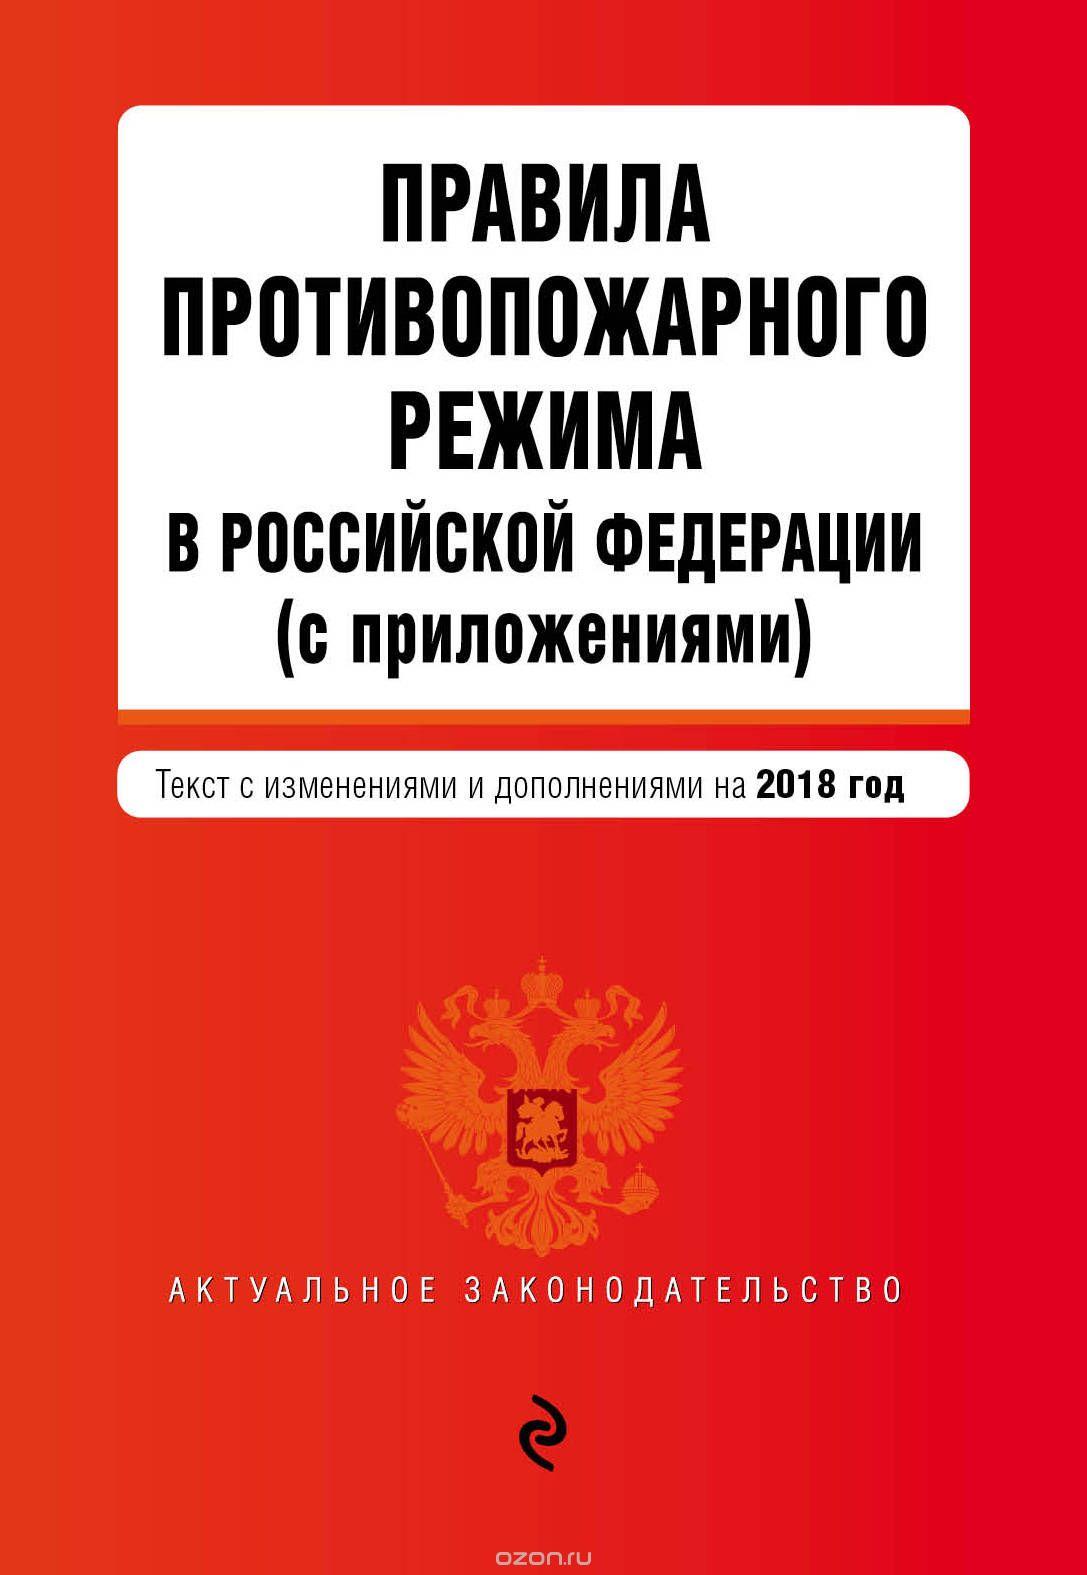 Правила противопожарного режима в Российской Федерации  (с приложениями) .  Текст с последними изменениями и дополнениями на 2018 год